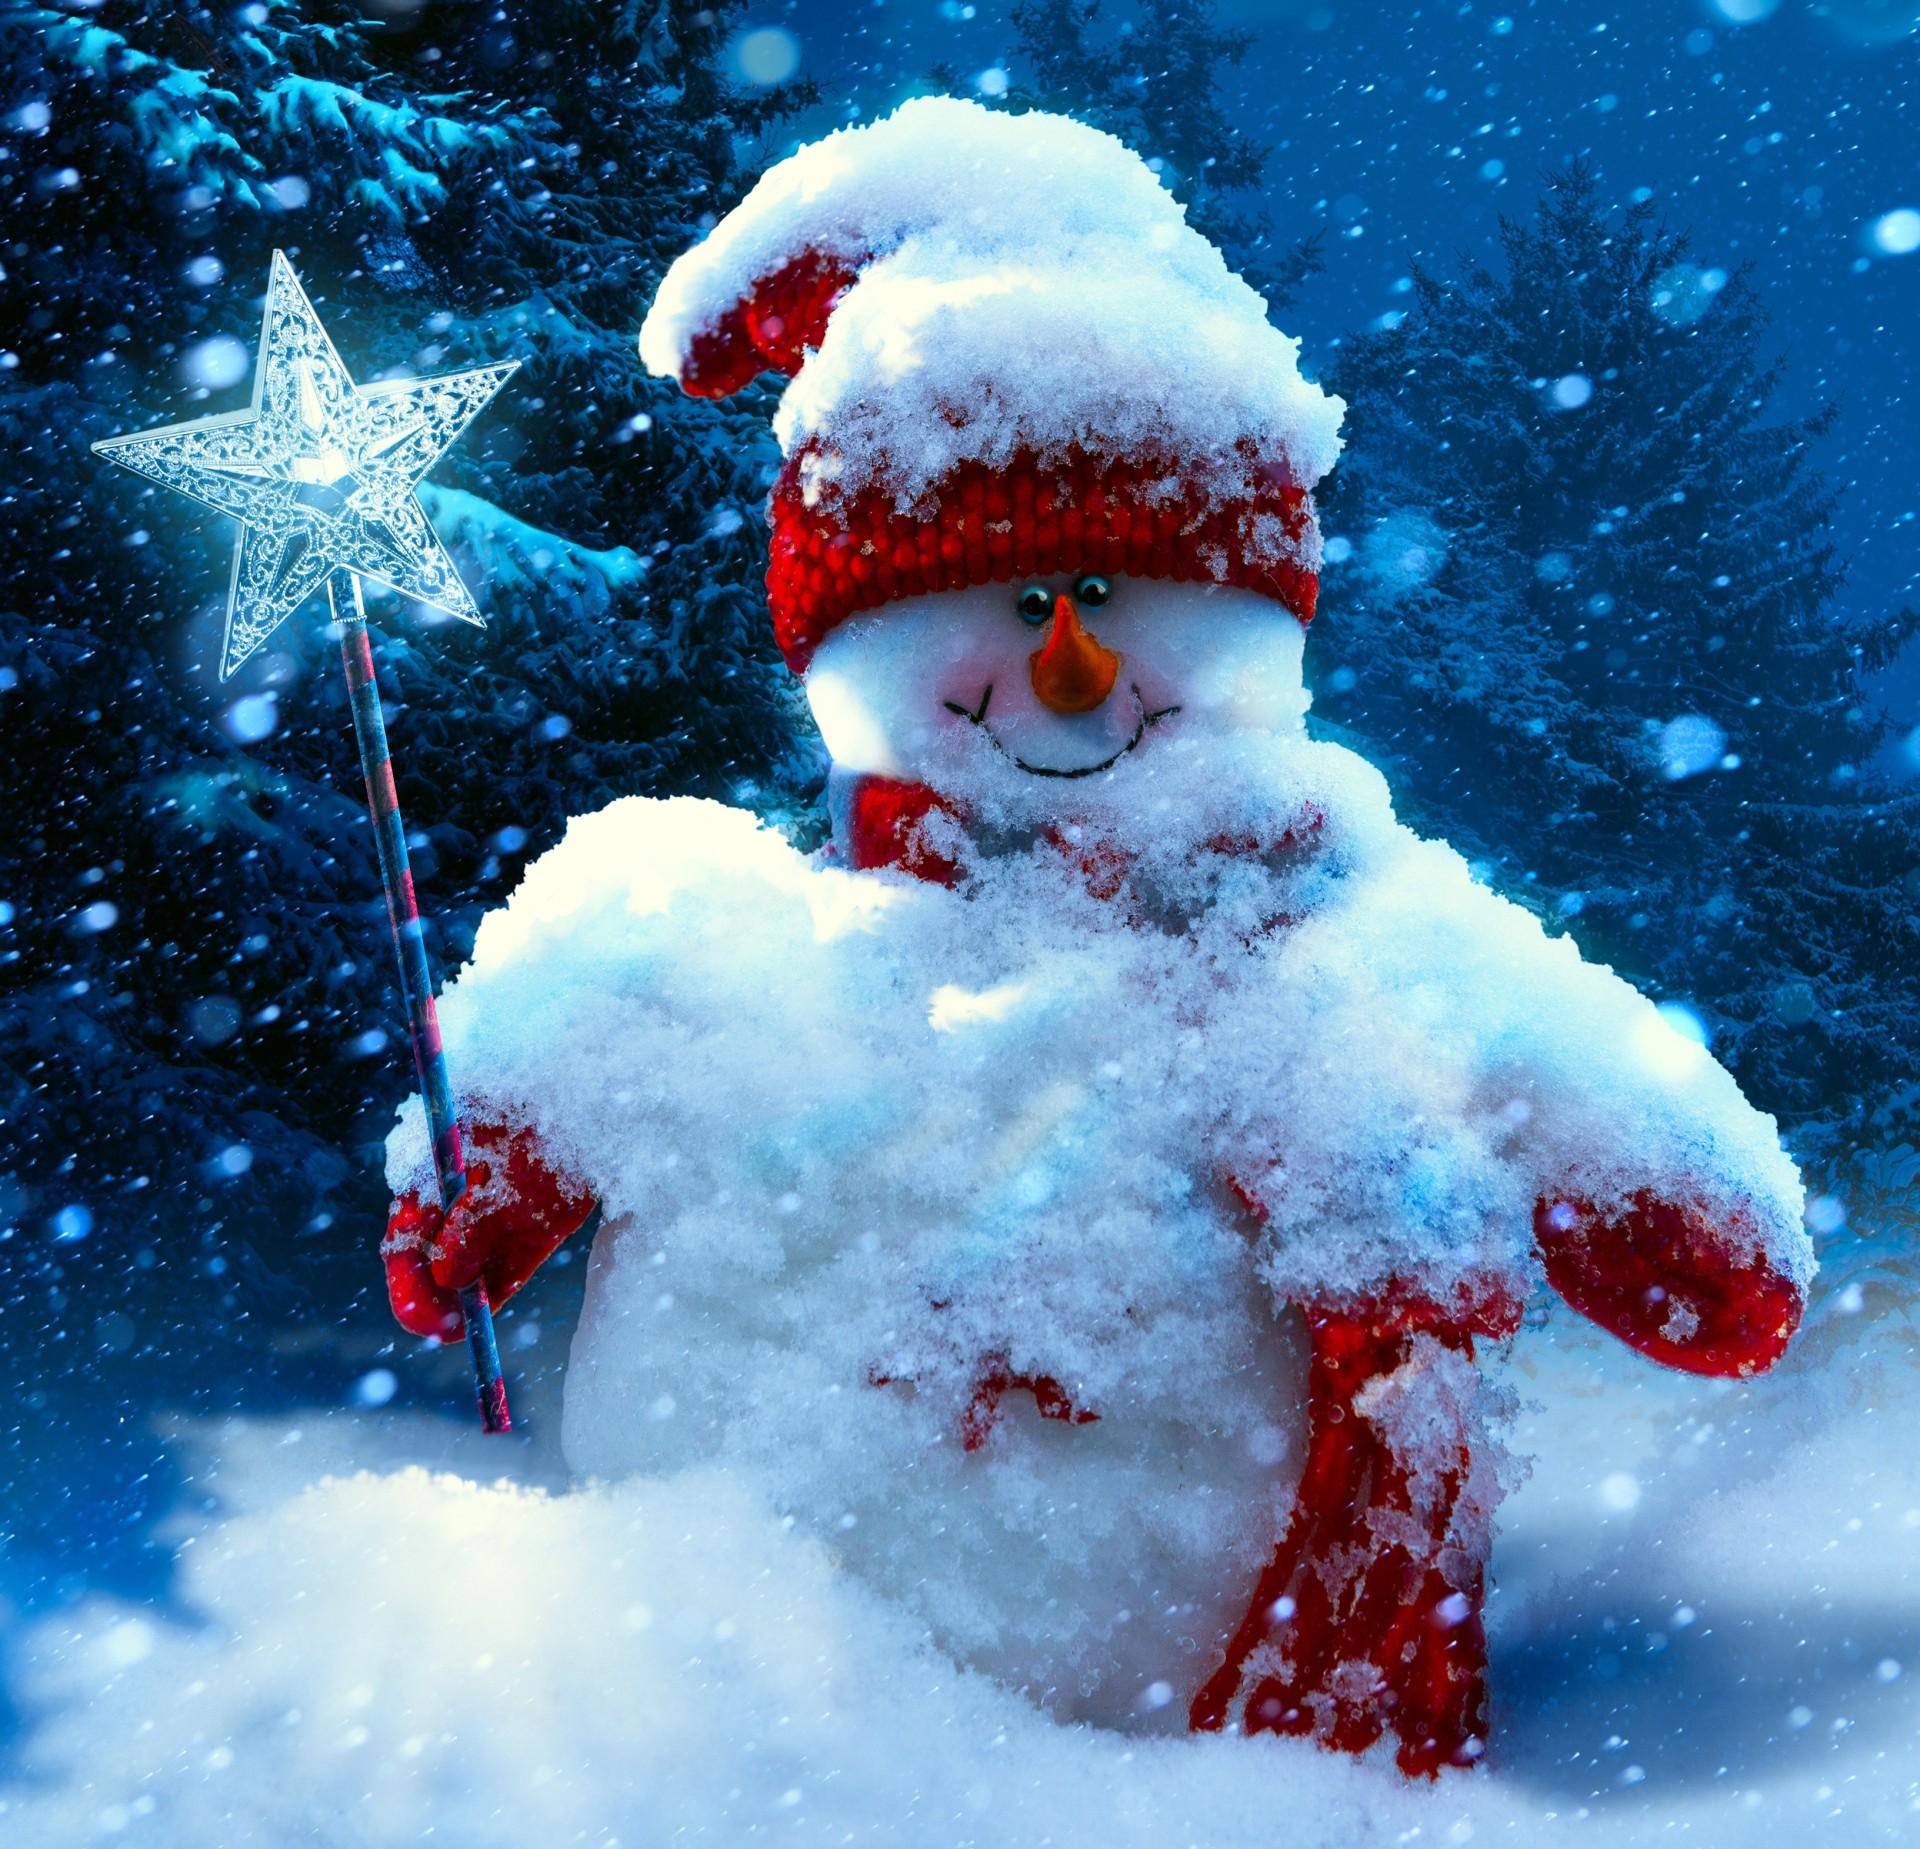 последние годы картинки зима для вацапа функциональное